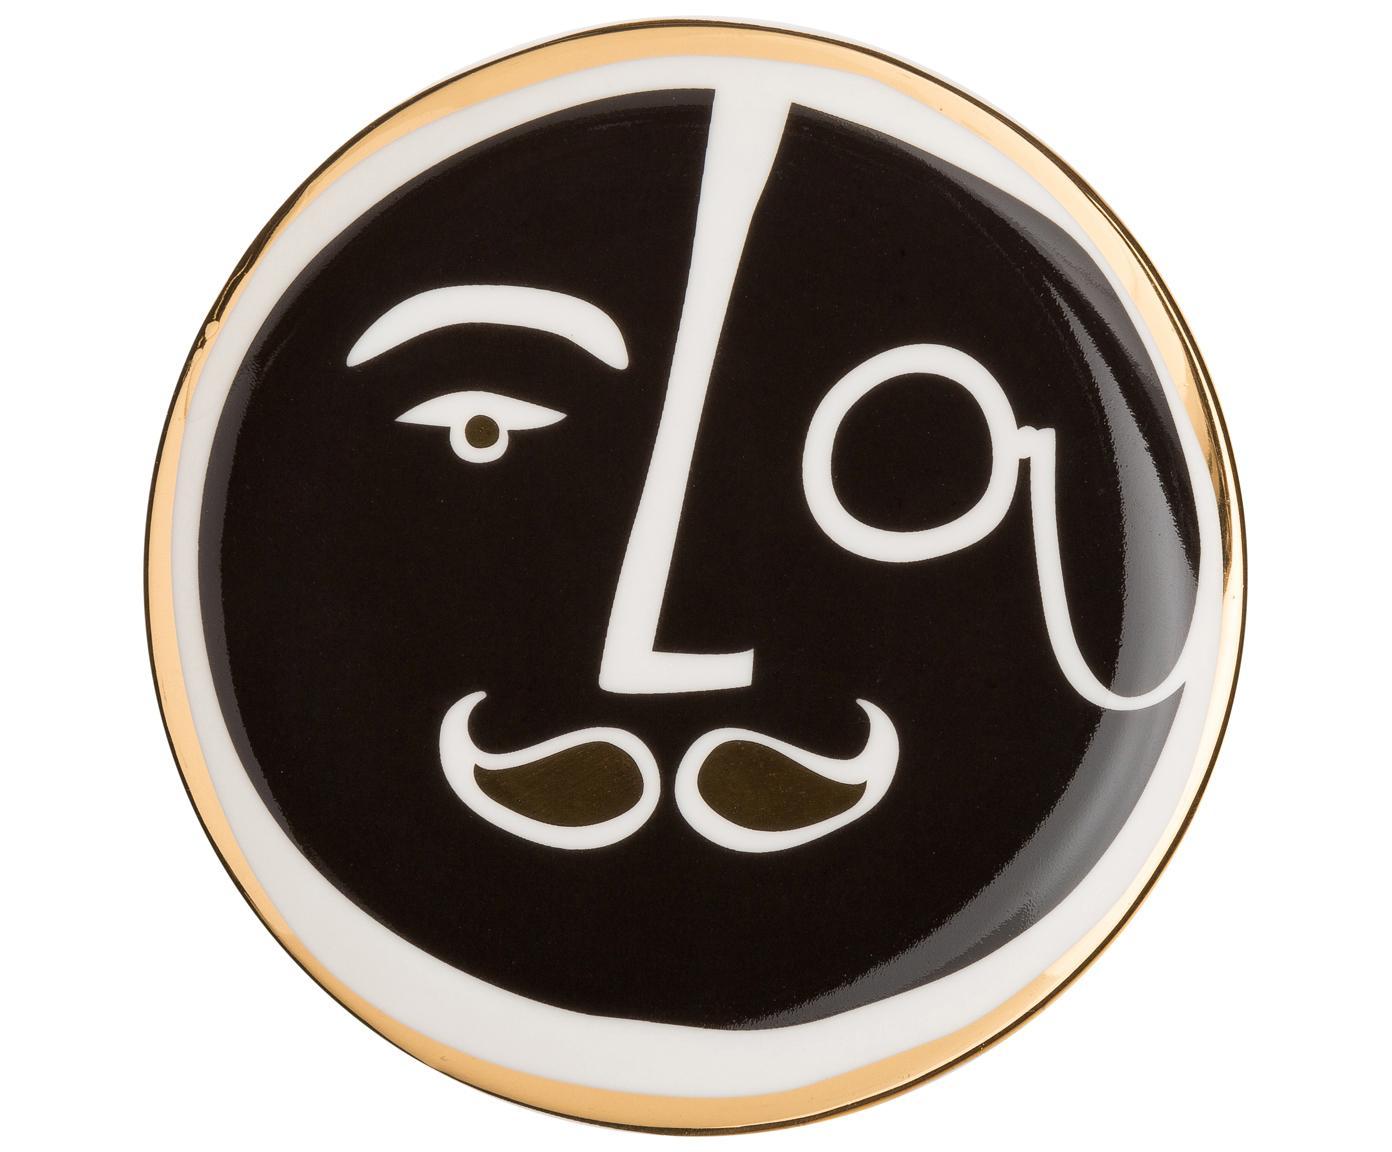 Komplet  podstawek Gentlemen, 4 elem., Porcelana, Złoty, czarny, biały, Ø 10 cm